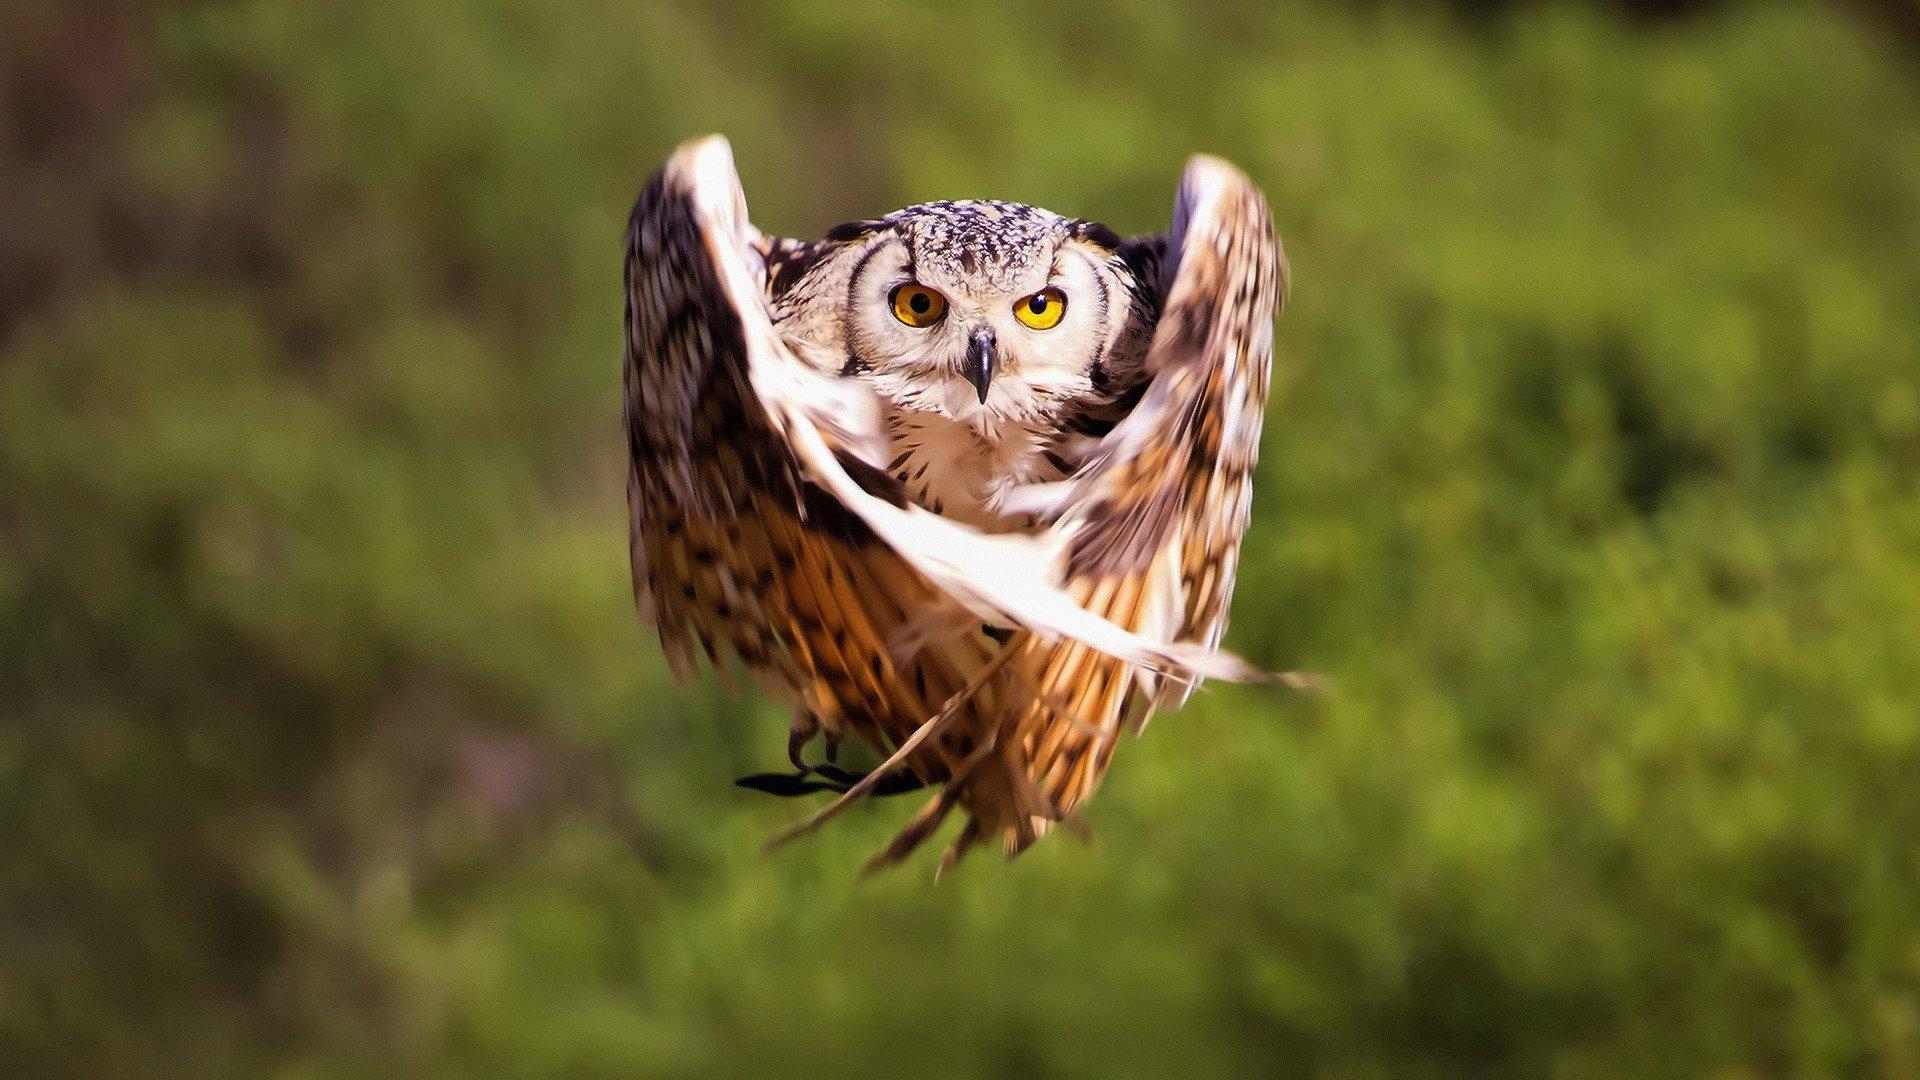 красивые совы картинки смешные стедикам может быть